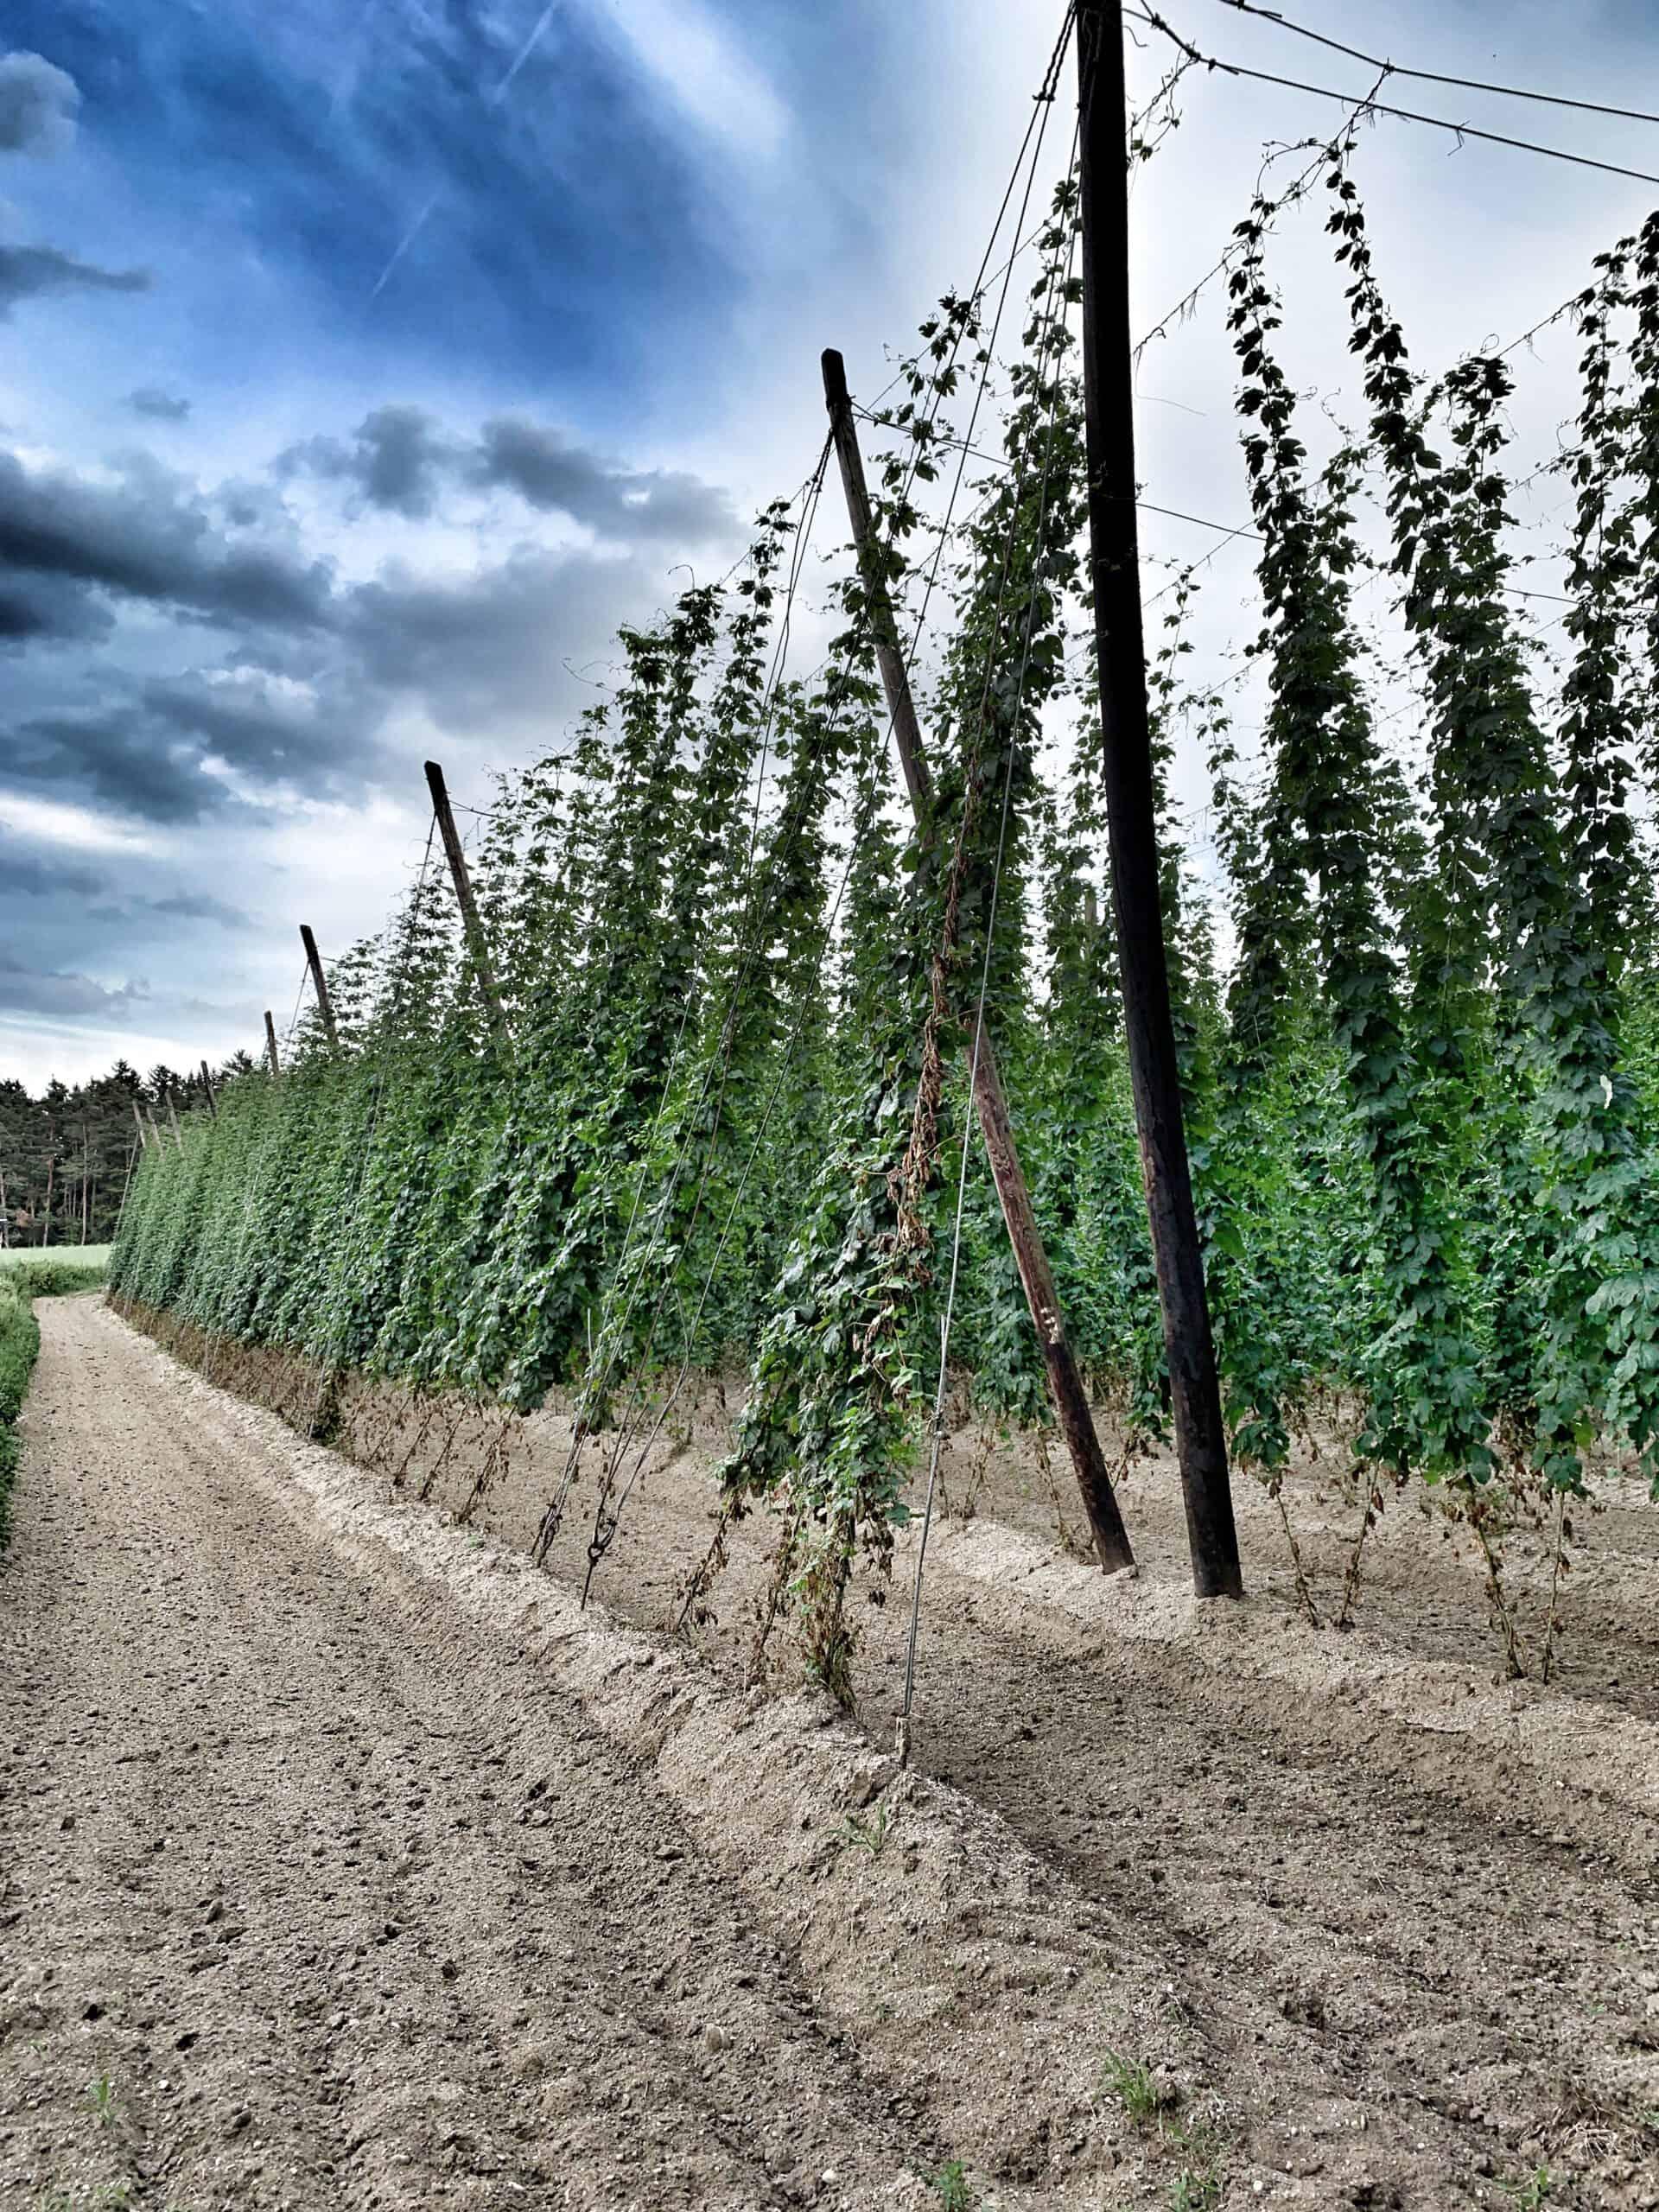 Hopfen Garten in Hallertau - aus dem Hopfen kann ein frischer Hopfenkranz gebunden werden